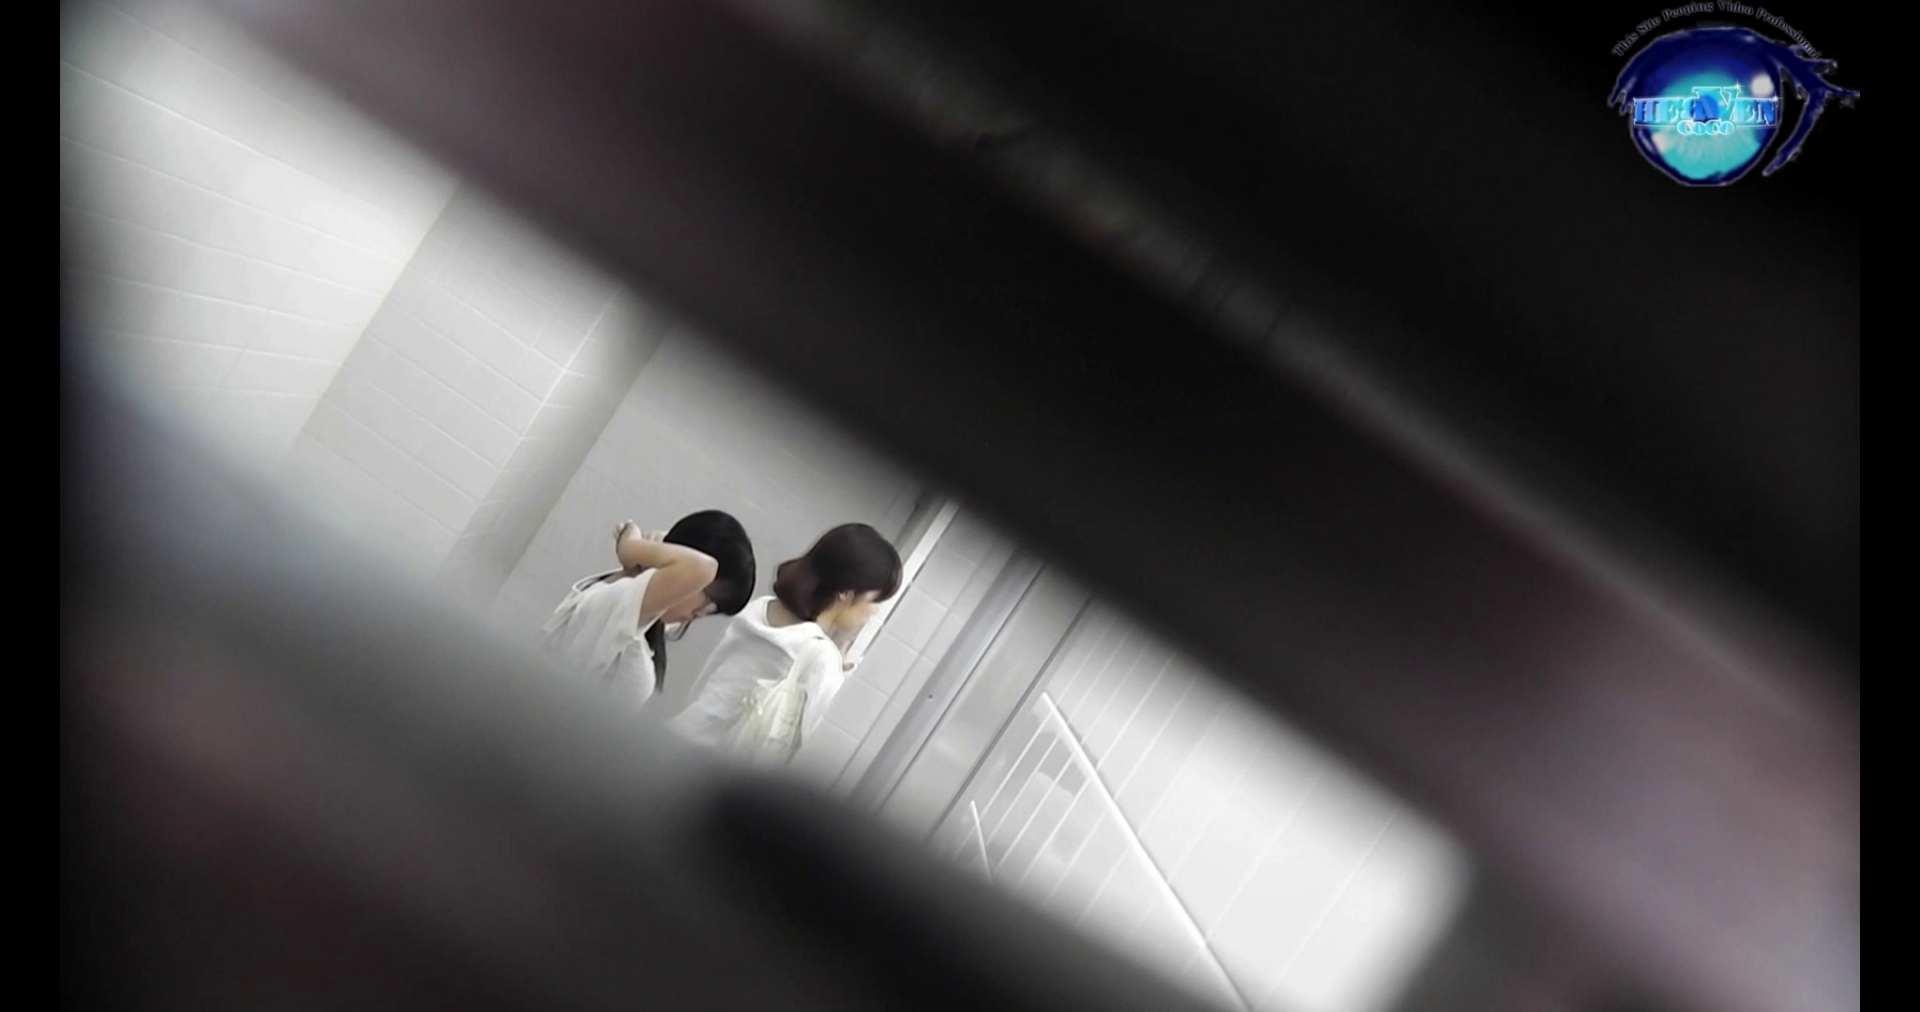 お銀さんの洗面所突入レポート!!vol.72 あのかわいい子がついフロント撮り実演 バックショット | 洗面所  9枚 3